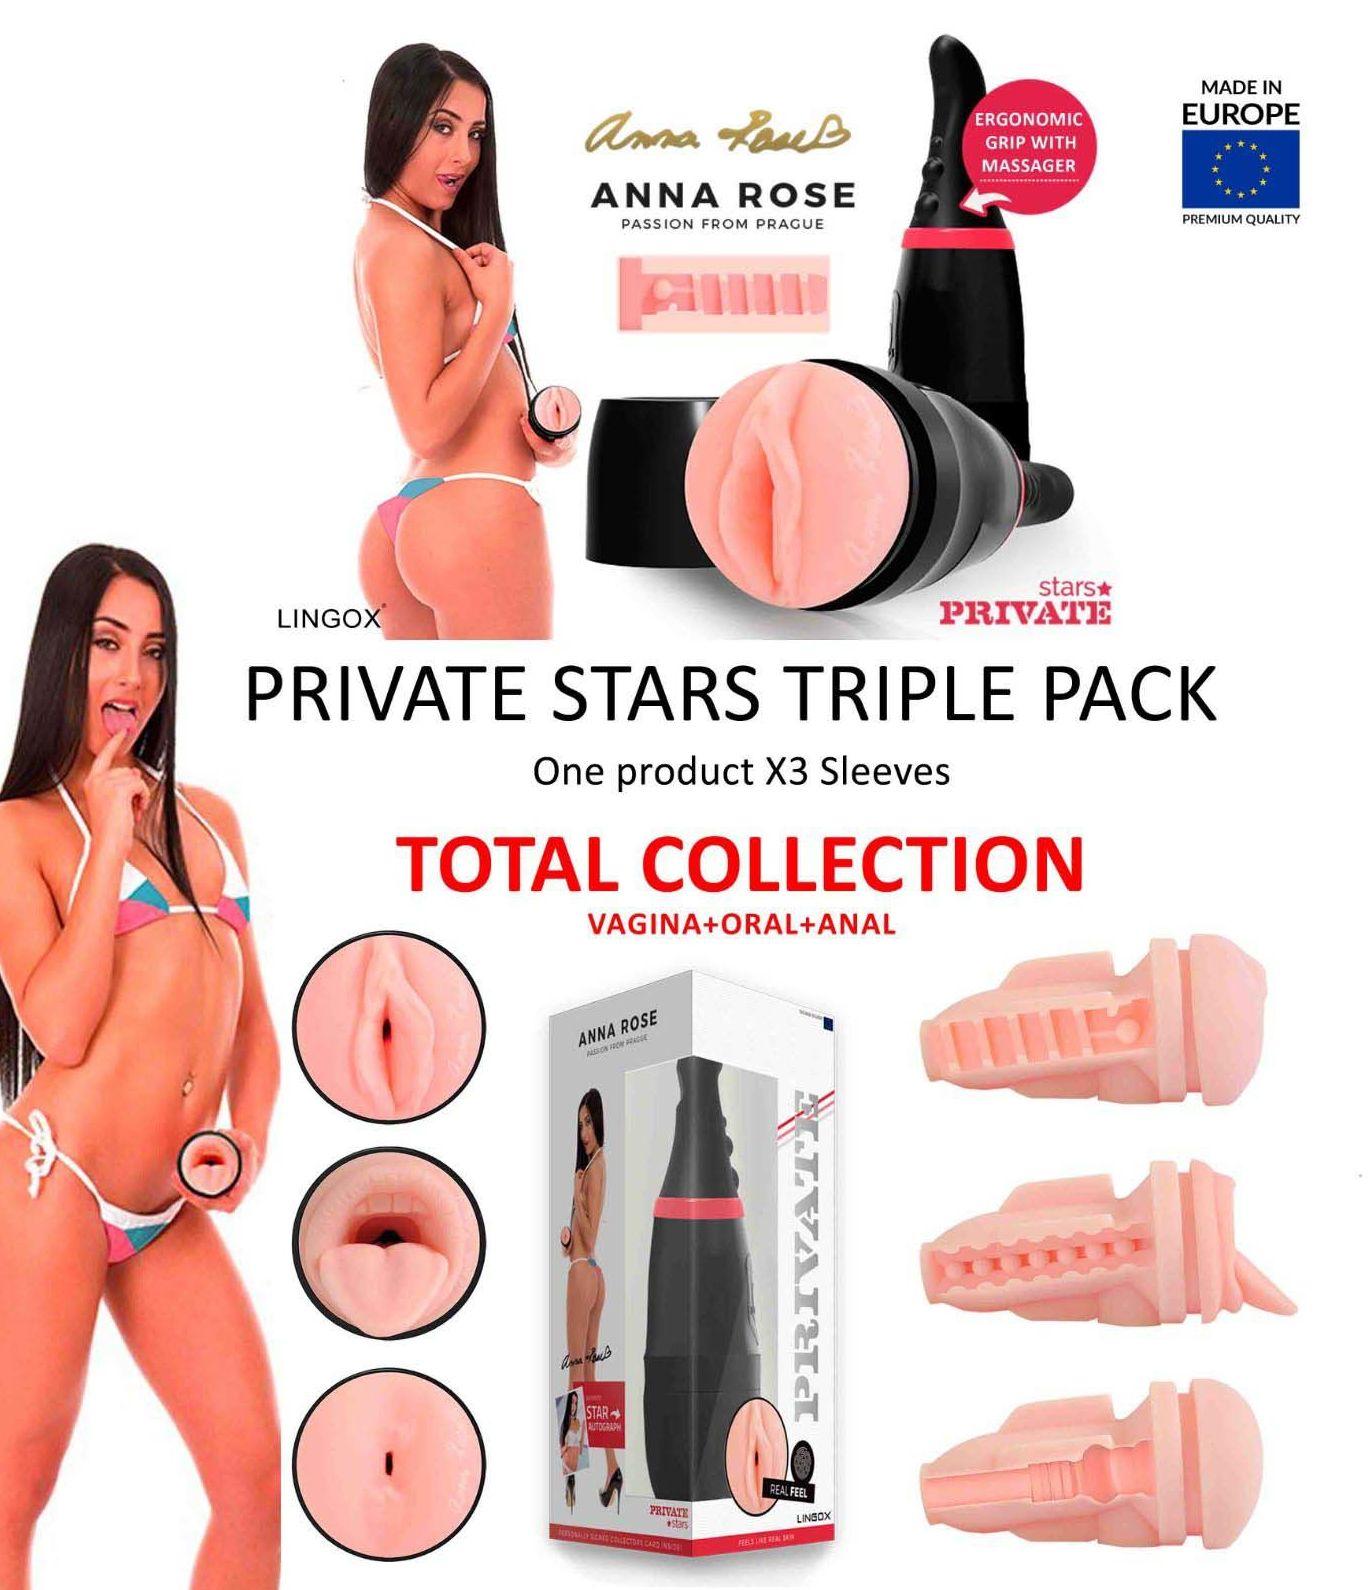 PRIVATE ANNA ROSE TRIPLE PACK: CATALOGO DE PRODUCTOS de SEX MIL 1